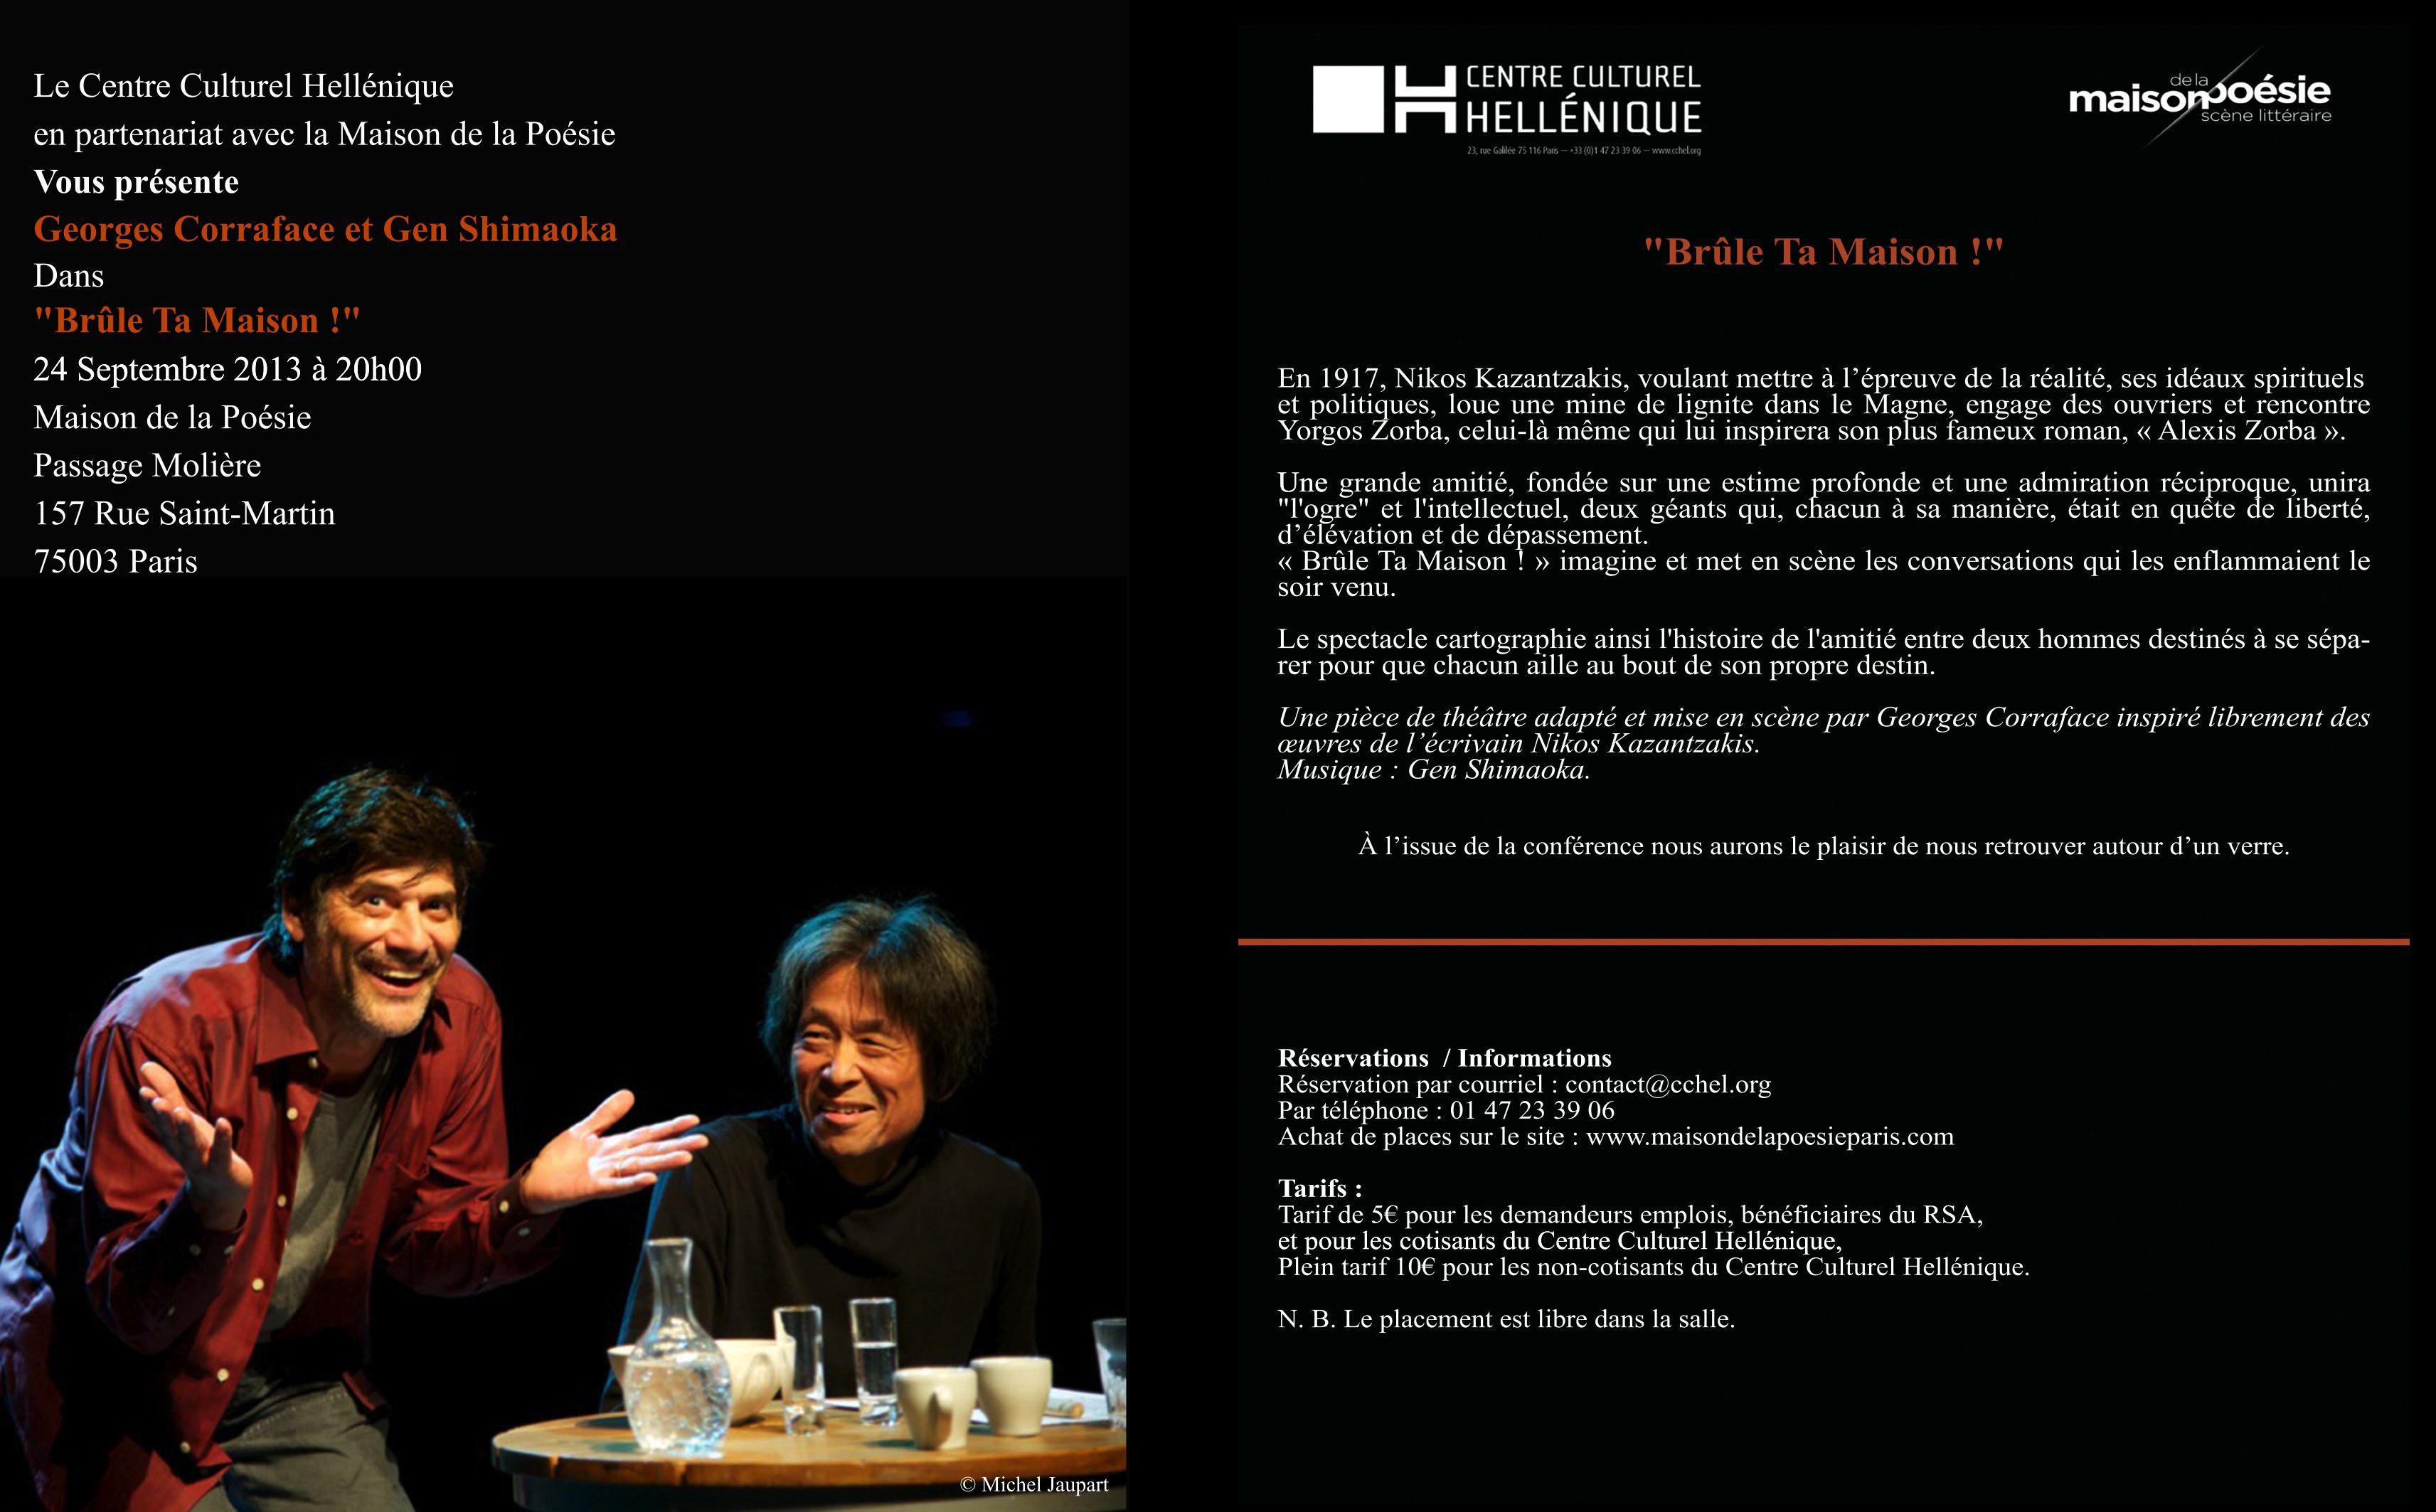 Δελτίο ανακοίνωσης θεατρικής παράστασης του Γιώργου Χωραφά, εμπνευσμένης από το έργο του Νίκου Καζαντζάκη, 24 Σεπτεμβρίου 2013, Maison de la poésie.